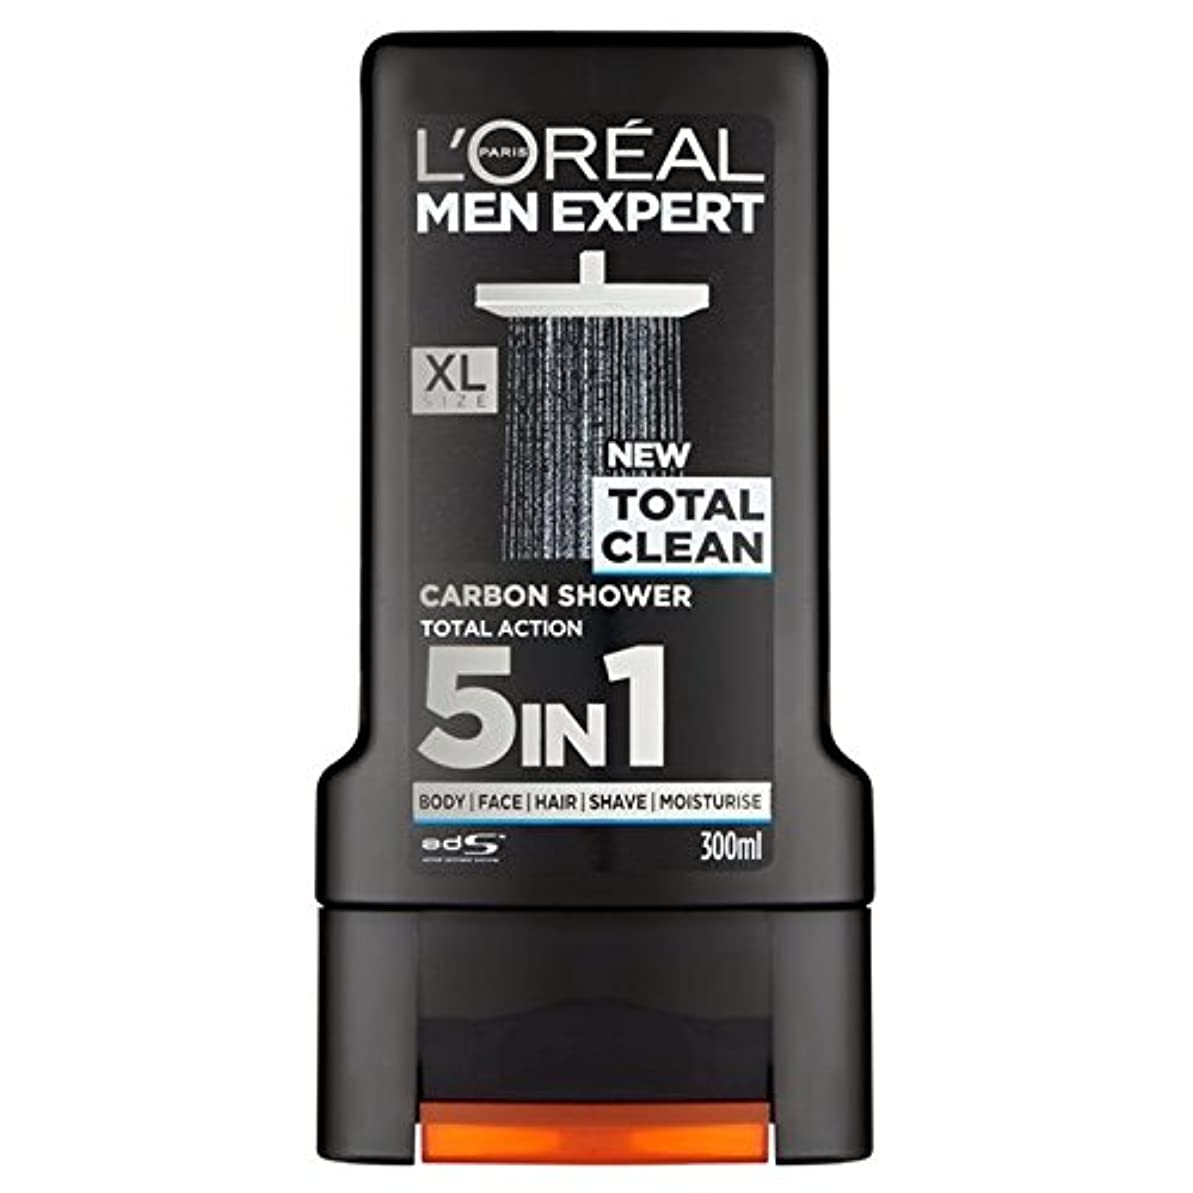 学習者チャレンジペレットL'Oreal Paris Men Expert Total Clean Shower Gel 300ml - ロレアルパリのメンズ専門トータルクリーンシャワージェル300ミリリットル [並行輸入品]